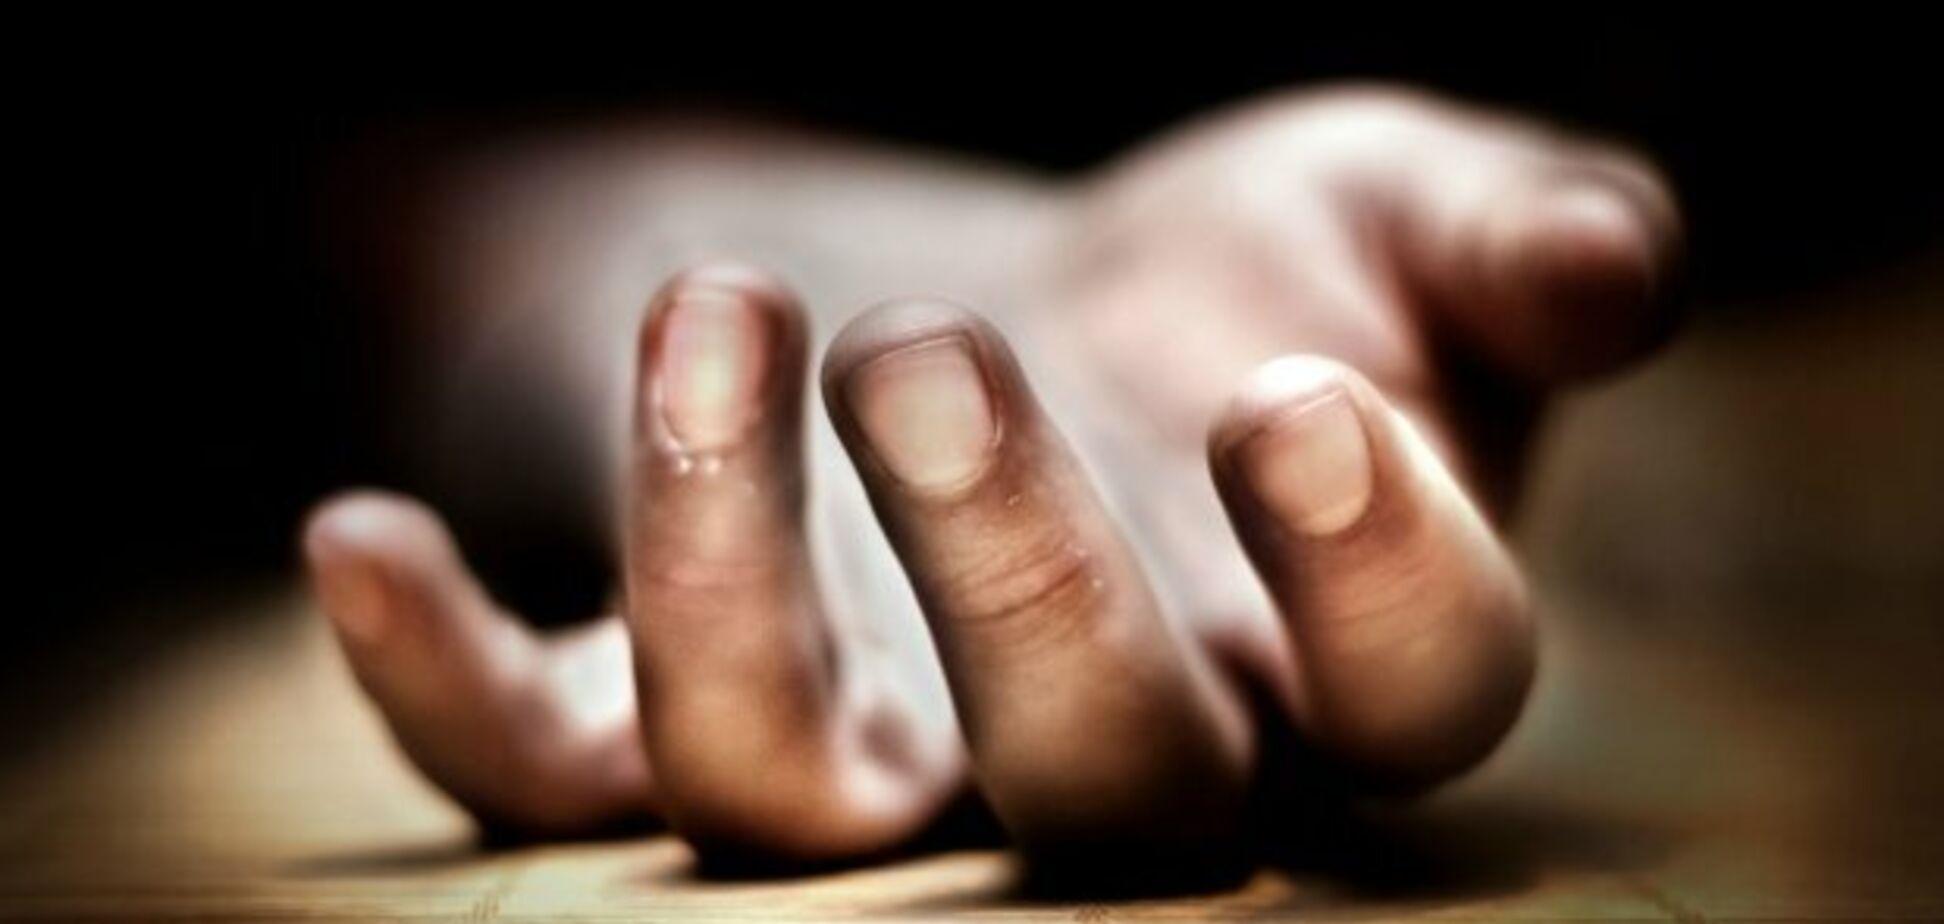 'Не выходил на связь': в Кривом Роге в квартире обнаружили труп мужчины. Фото 18+